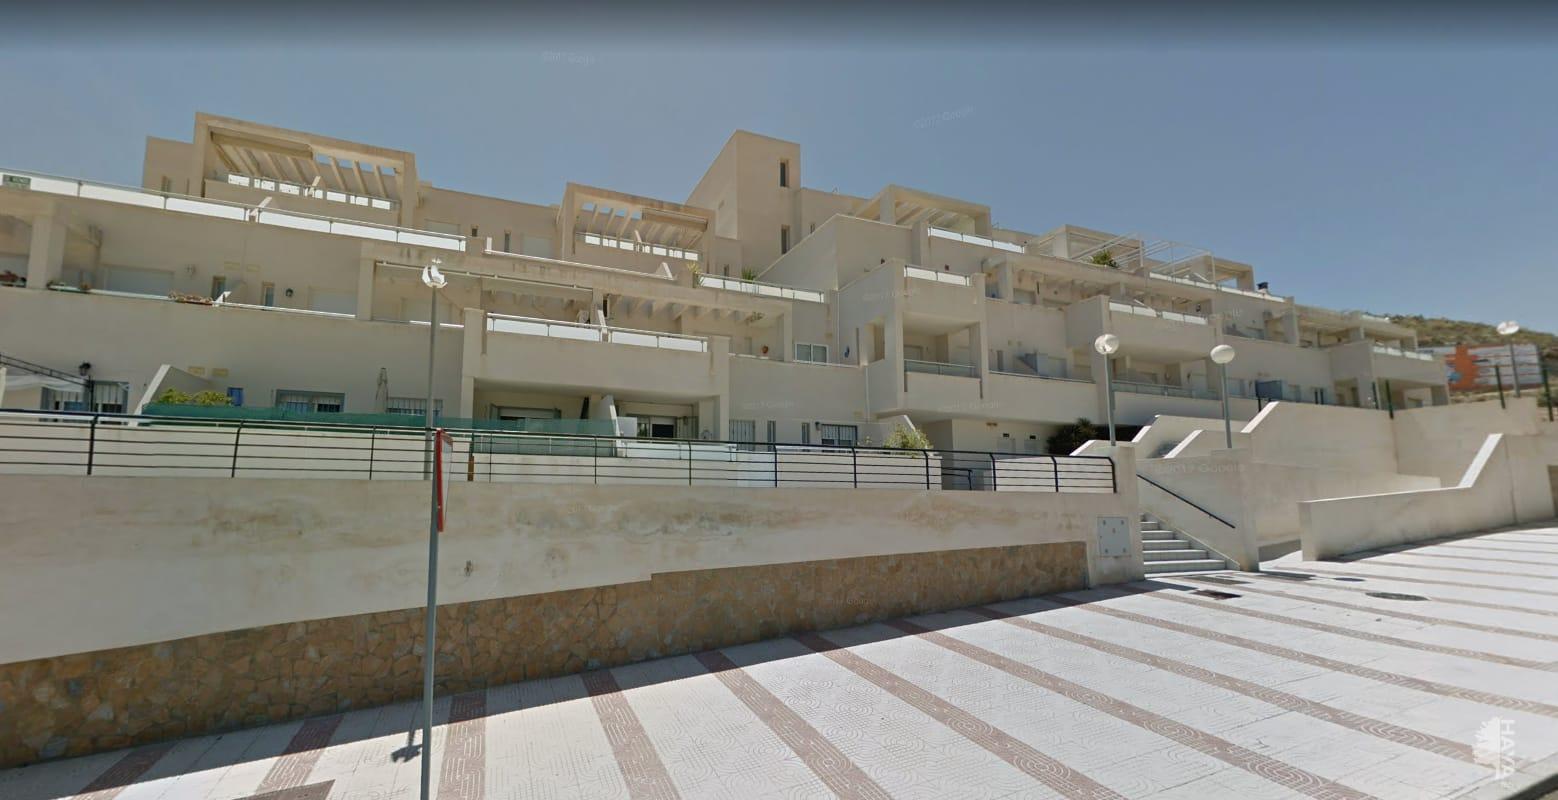 Piso en venta en Carboneras, Almería, Avenida Almeria, 95.305 €, 2 habitaciones, 1 baño, 94 m2